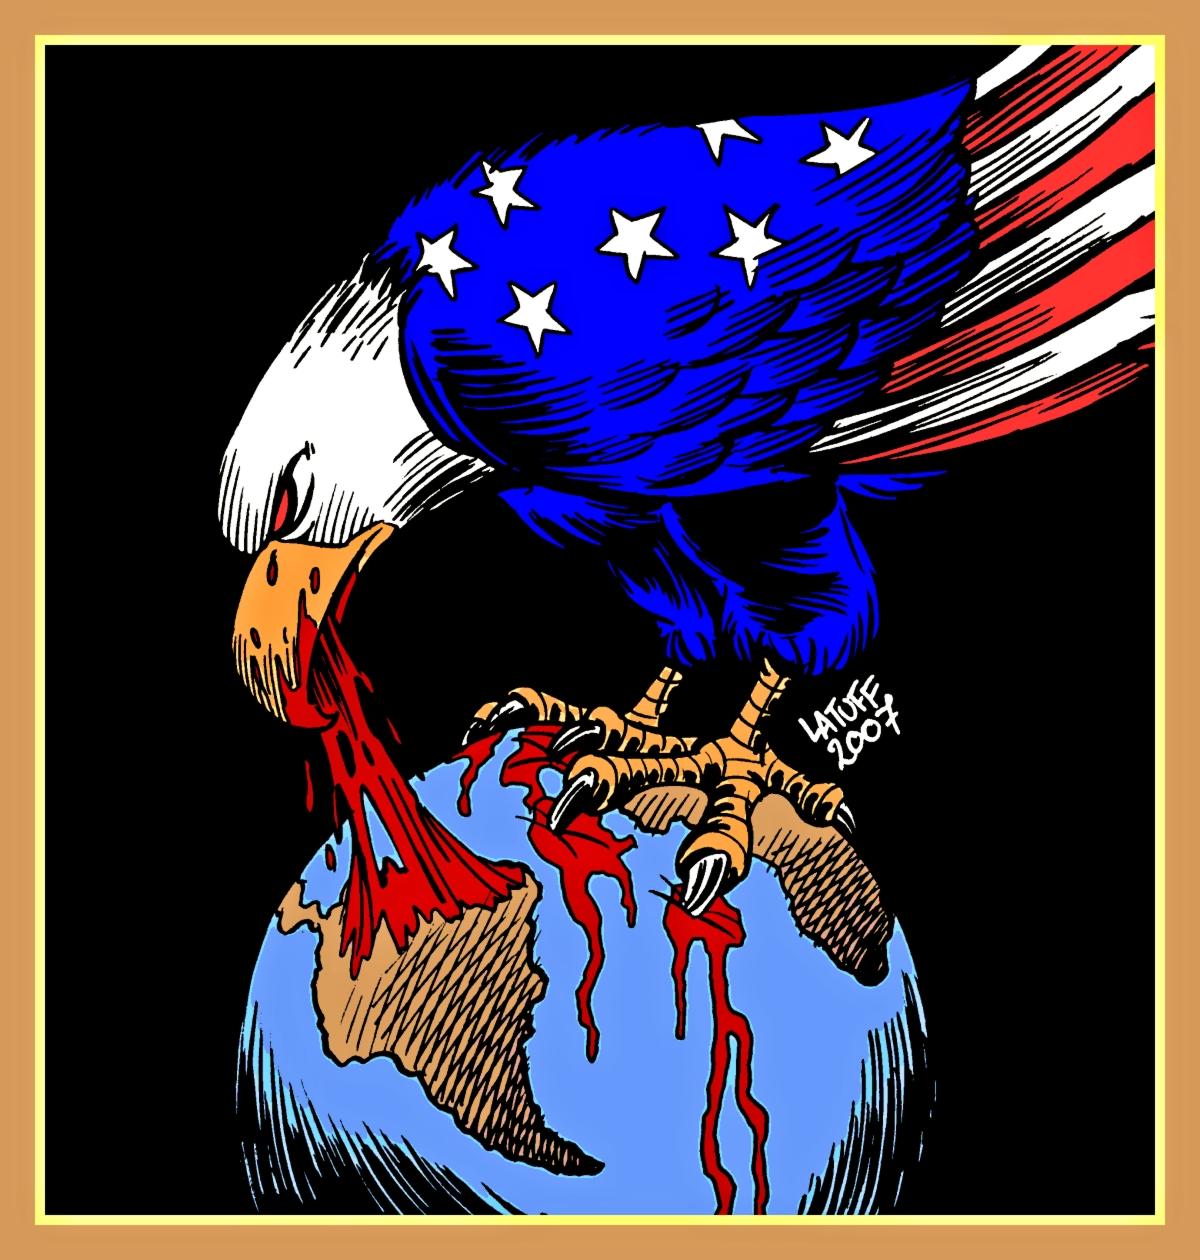 00 Carlos Latuff. US Imperialism. 2007